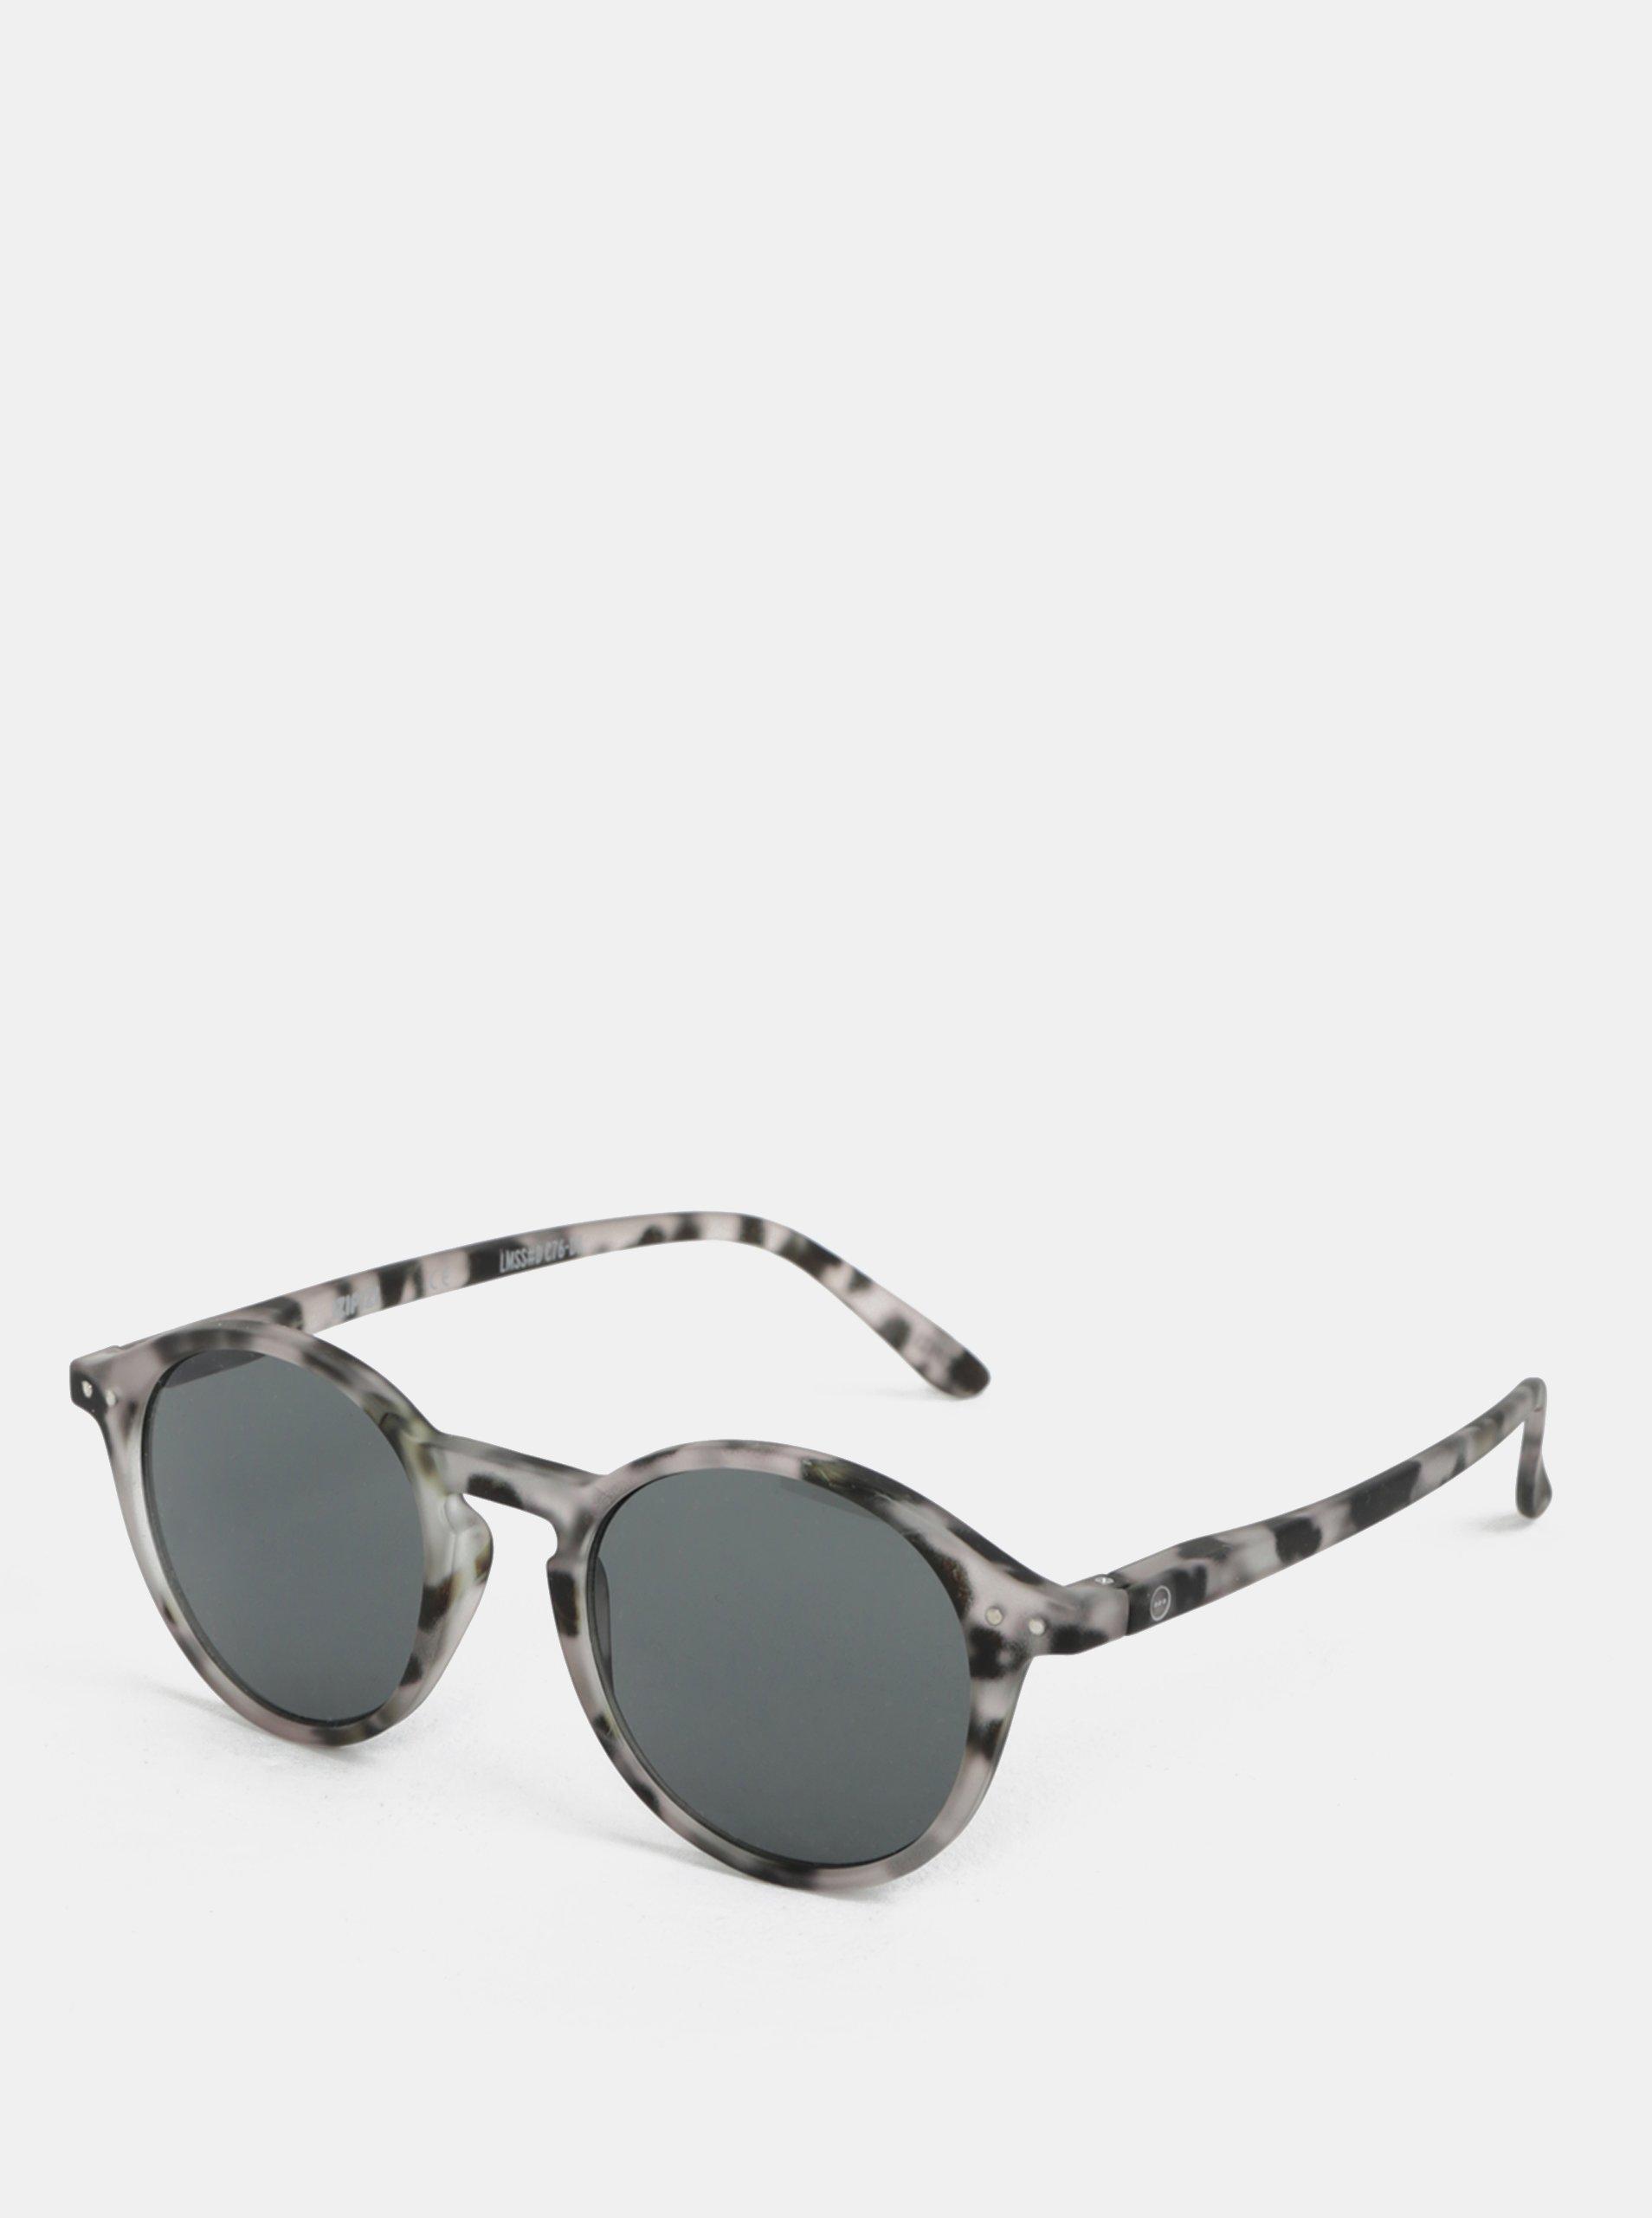 6ab1a4b2f Sivé vzorované unisex slnečné okuliare IZIPIZI #D | Moda.sk